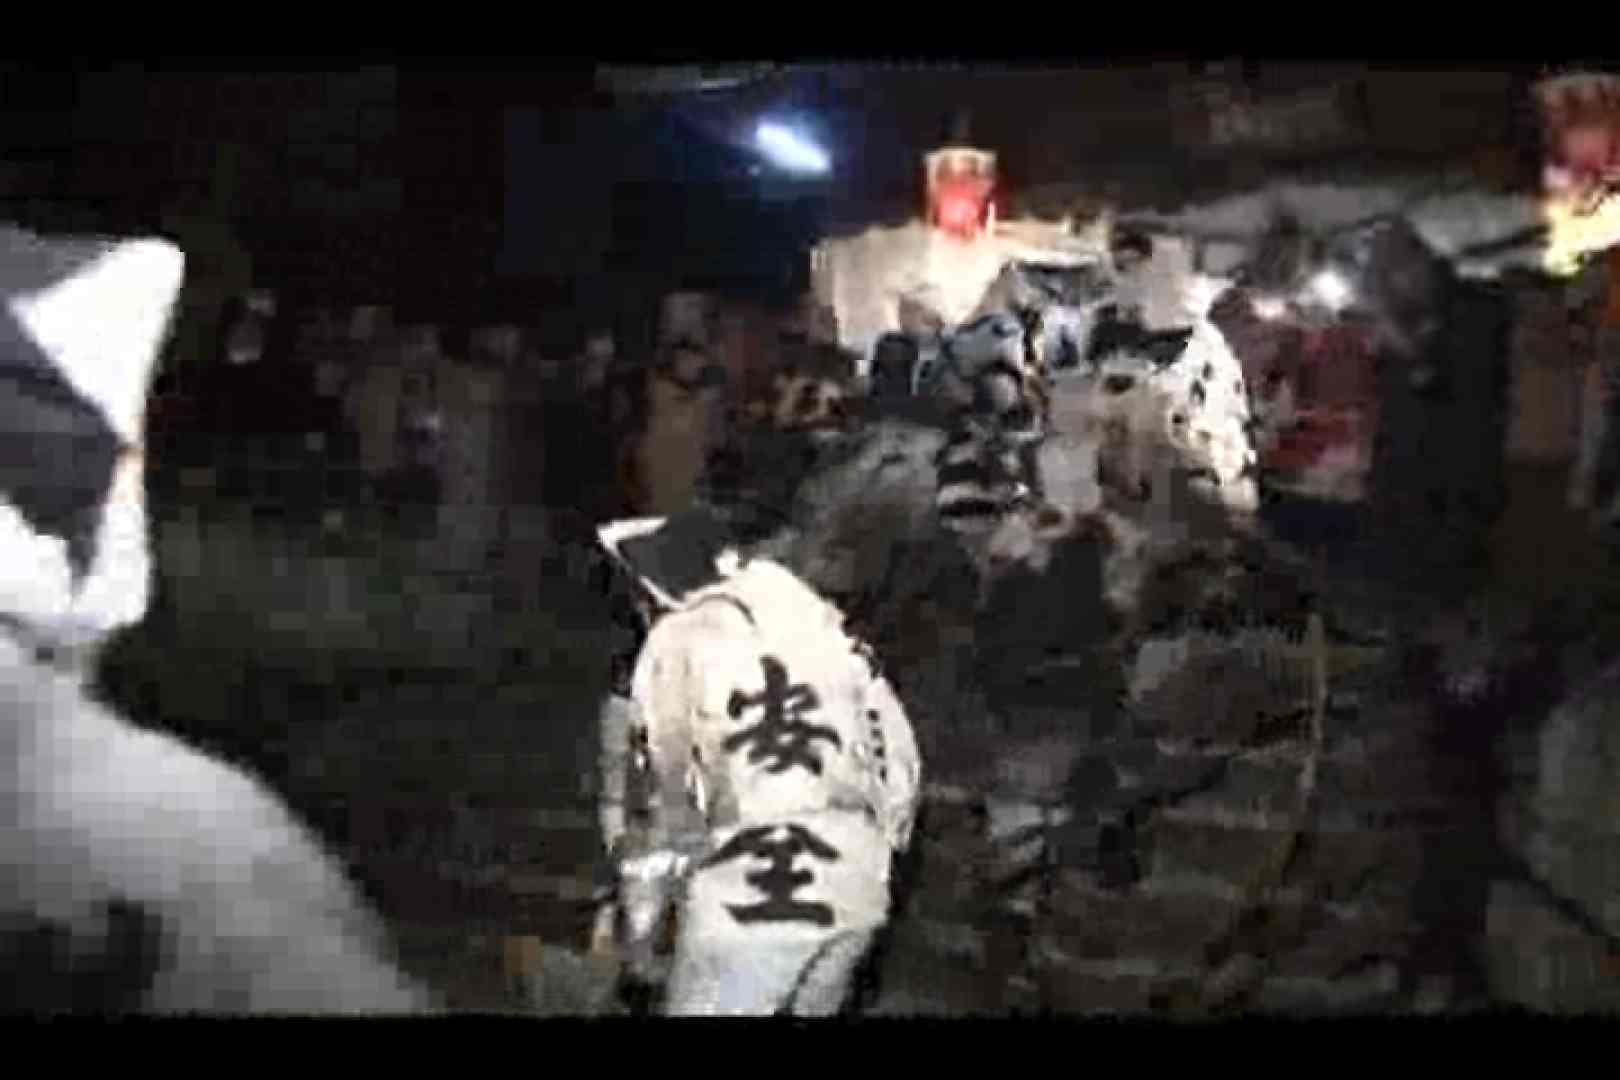 鳥羽の火祭り 3000K!高画質バージョンVOL.03 ノンケ ゲイ無修正画像 84枚 83